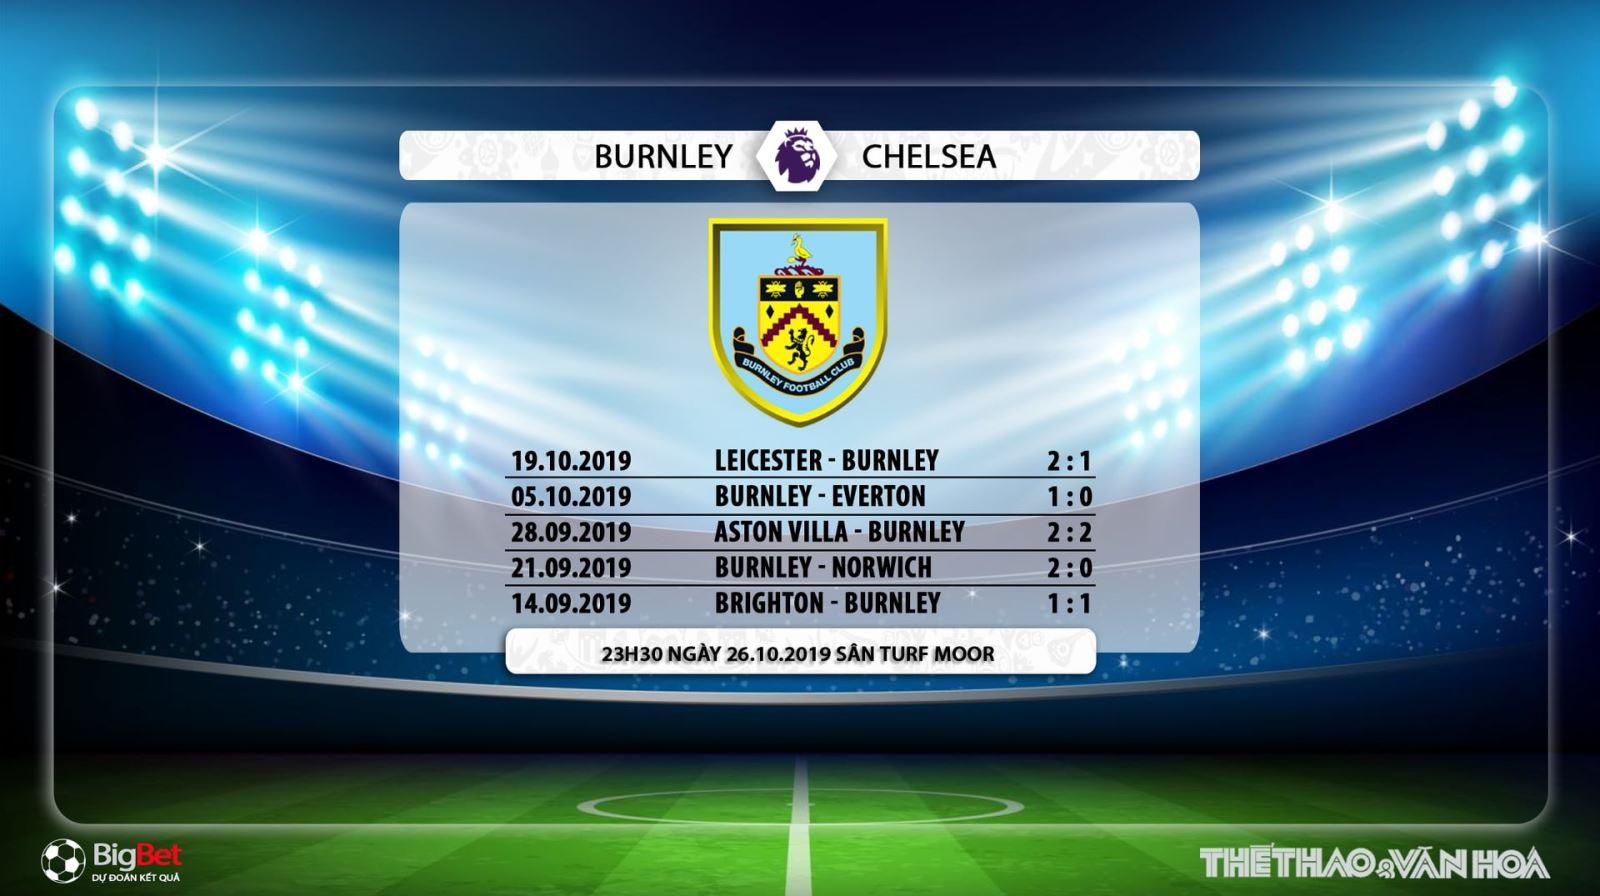 soi kèo bóng đá, Burnley vs Chelsea, truc tiep bong da hôm nay, Burnley đấu với Chelsea, trực tiếp bóng đá, K+, K+PM, K+PC, xem bóng đá trực tuyến, bóng đá